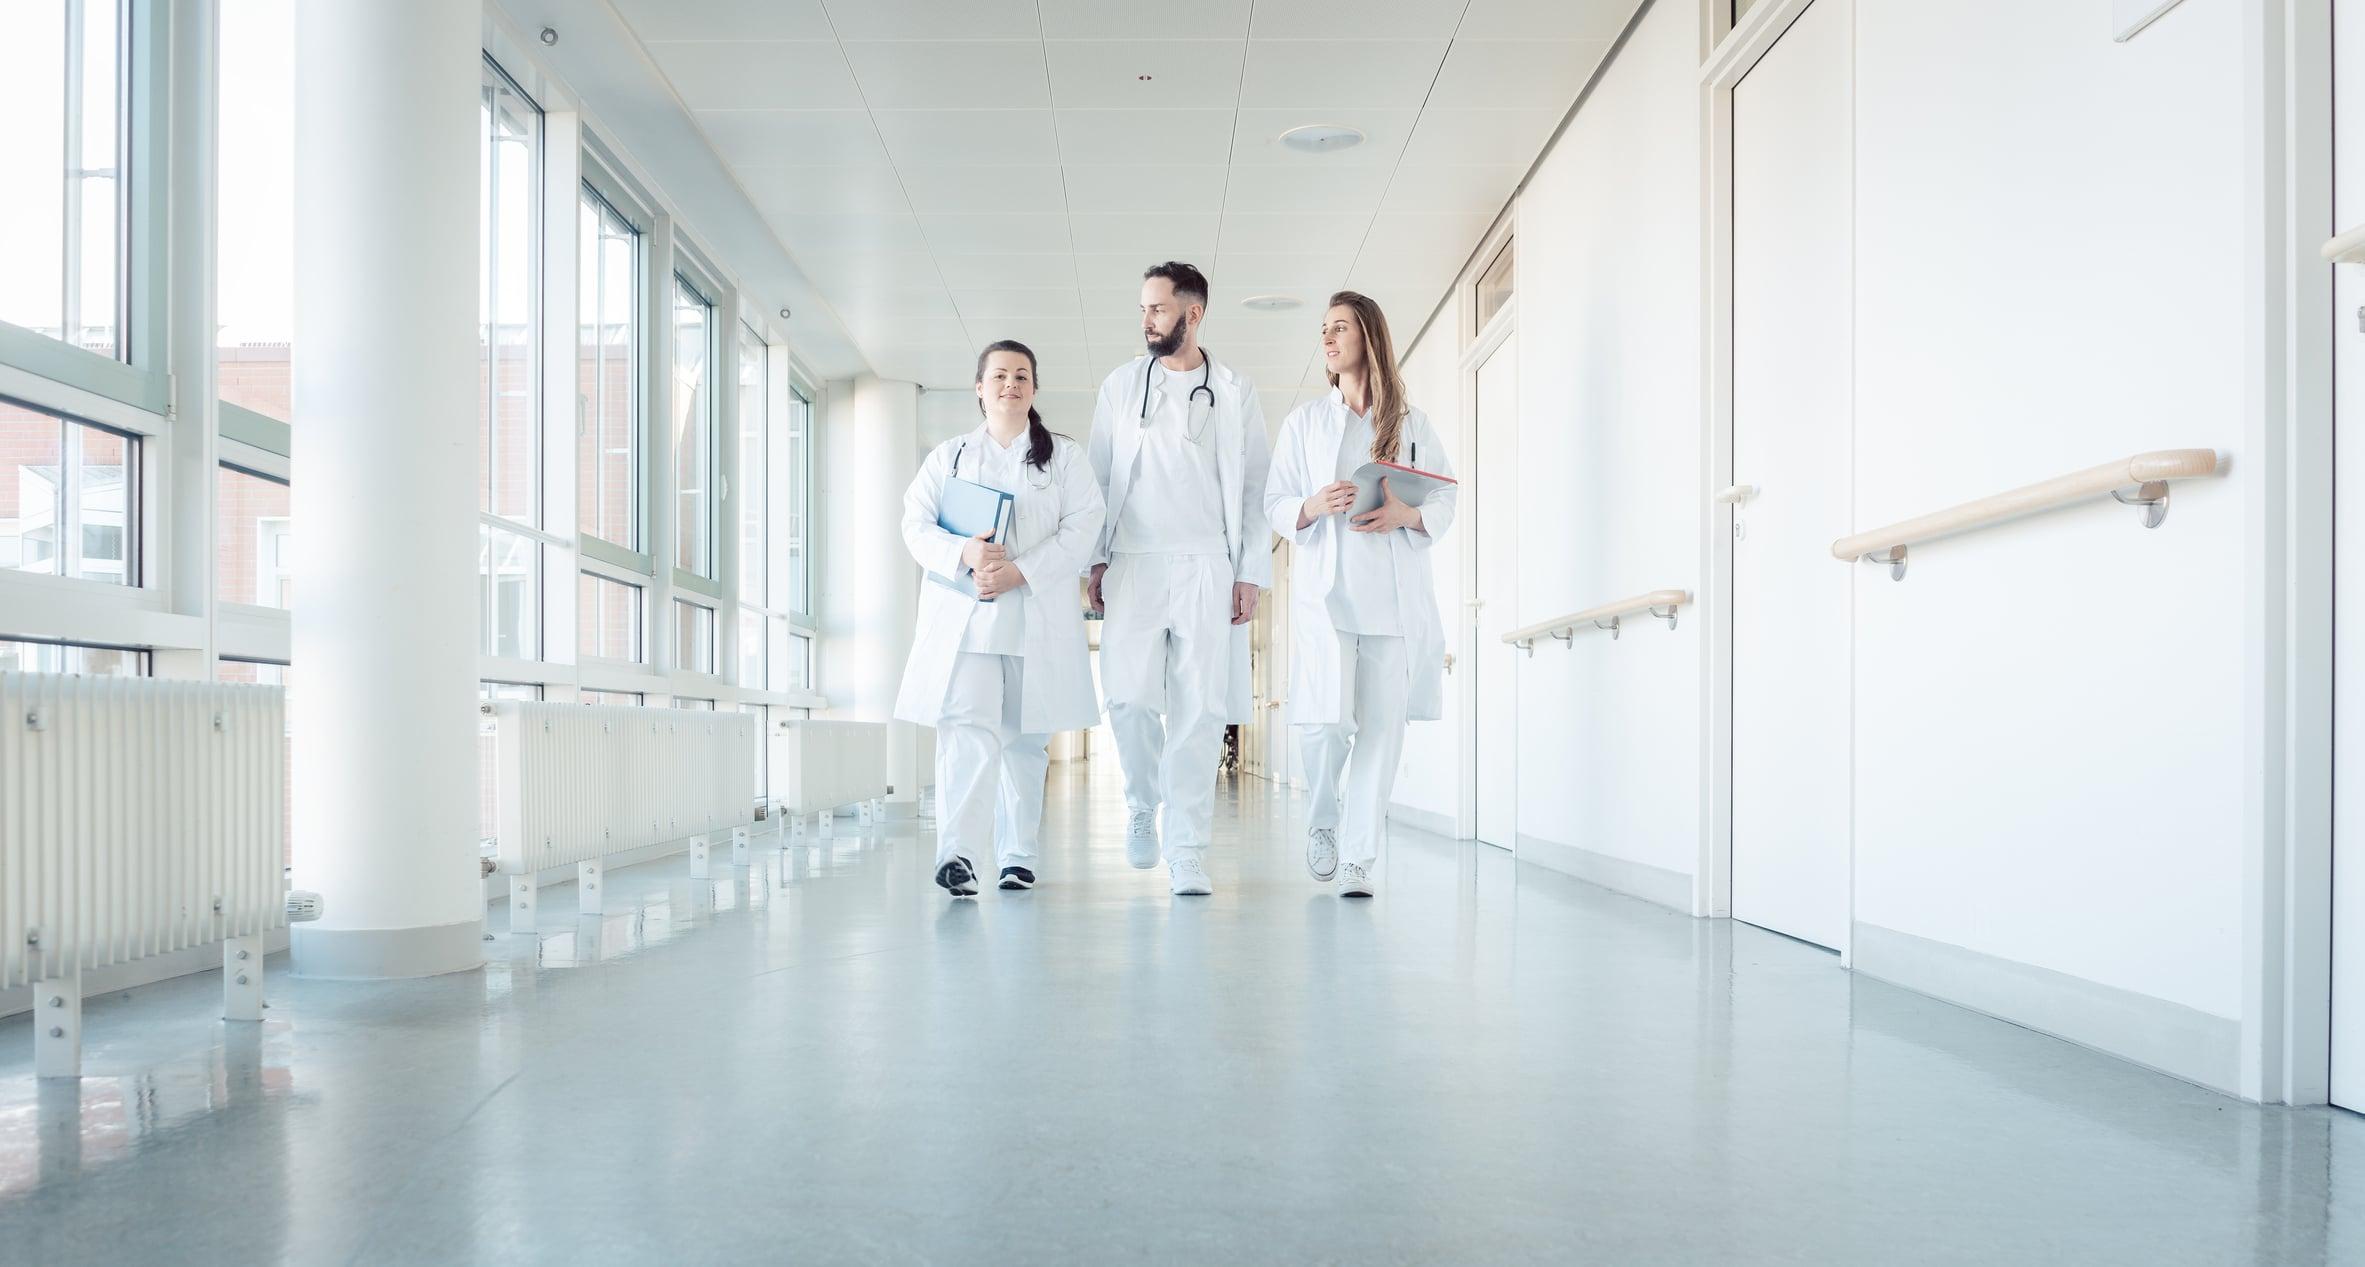 Spesialister i bemanning av helsearbeidere